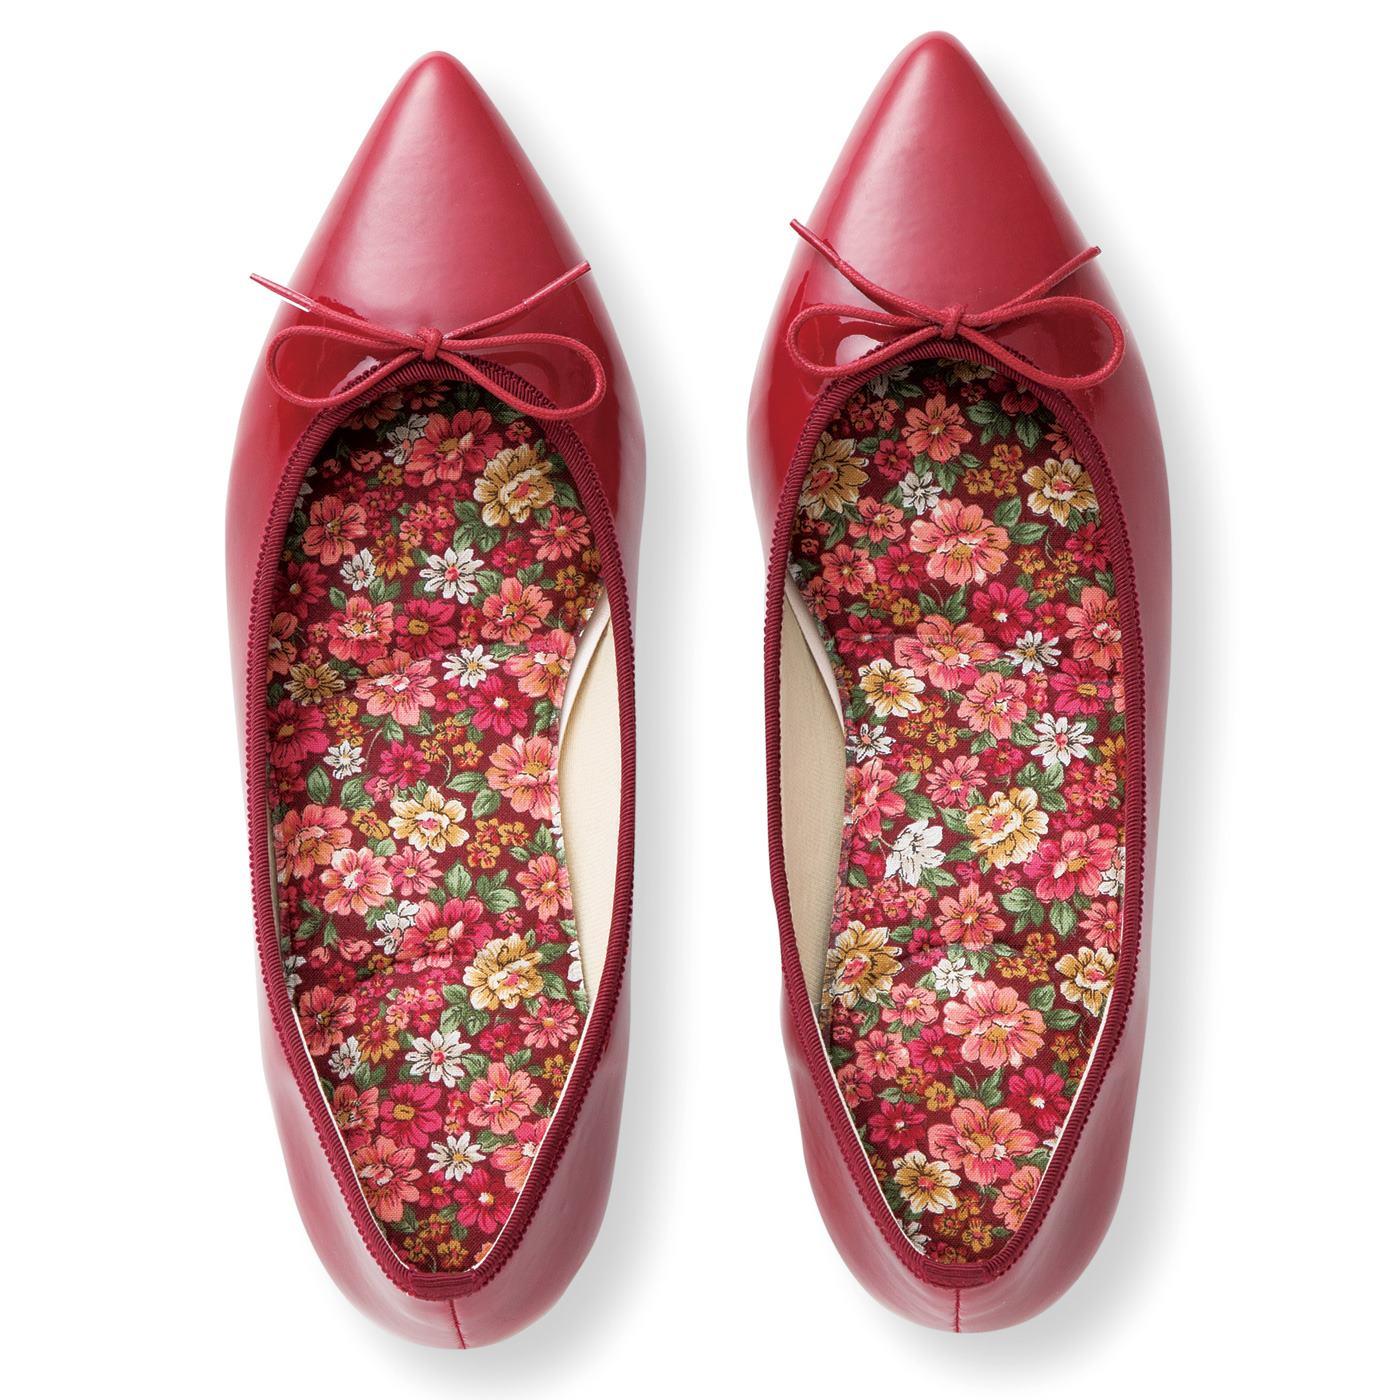 足取りが軽くなるかわいい花柄。靴のサイズに合わせてカットできます。